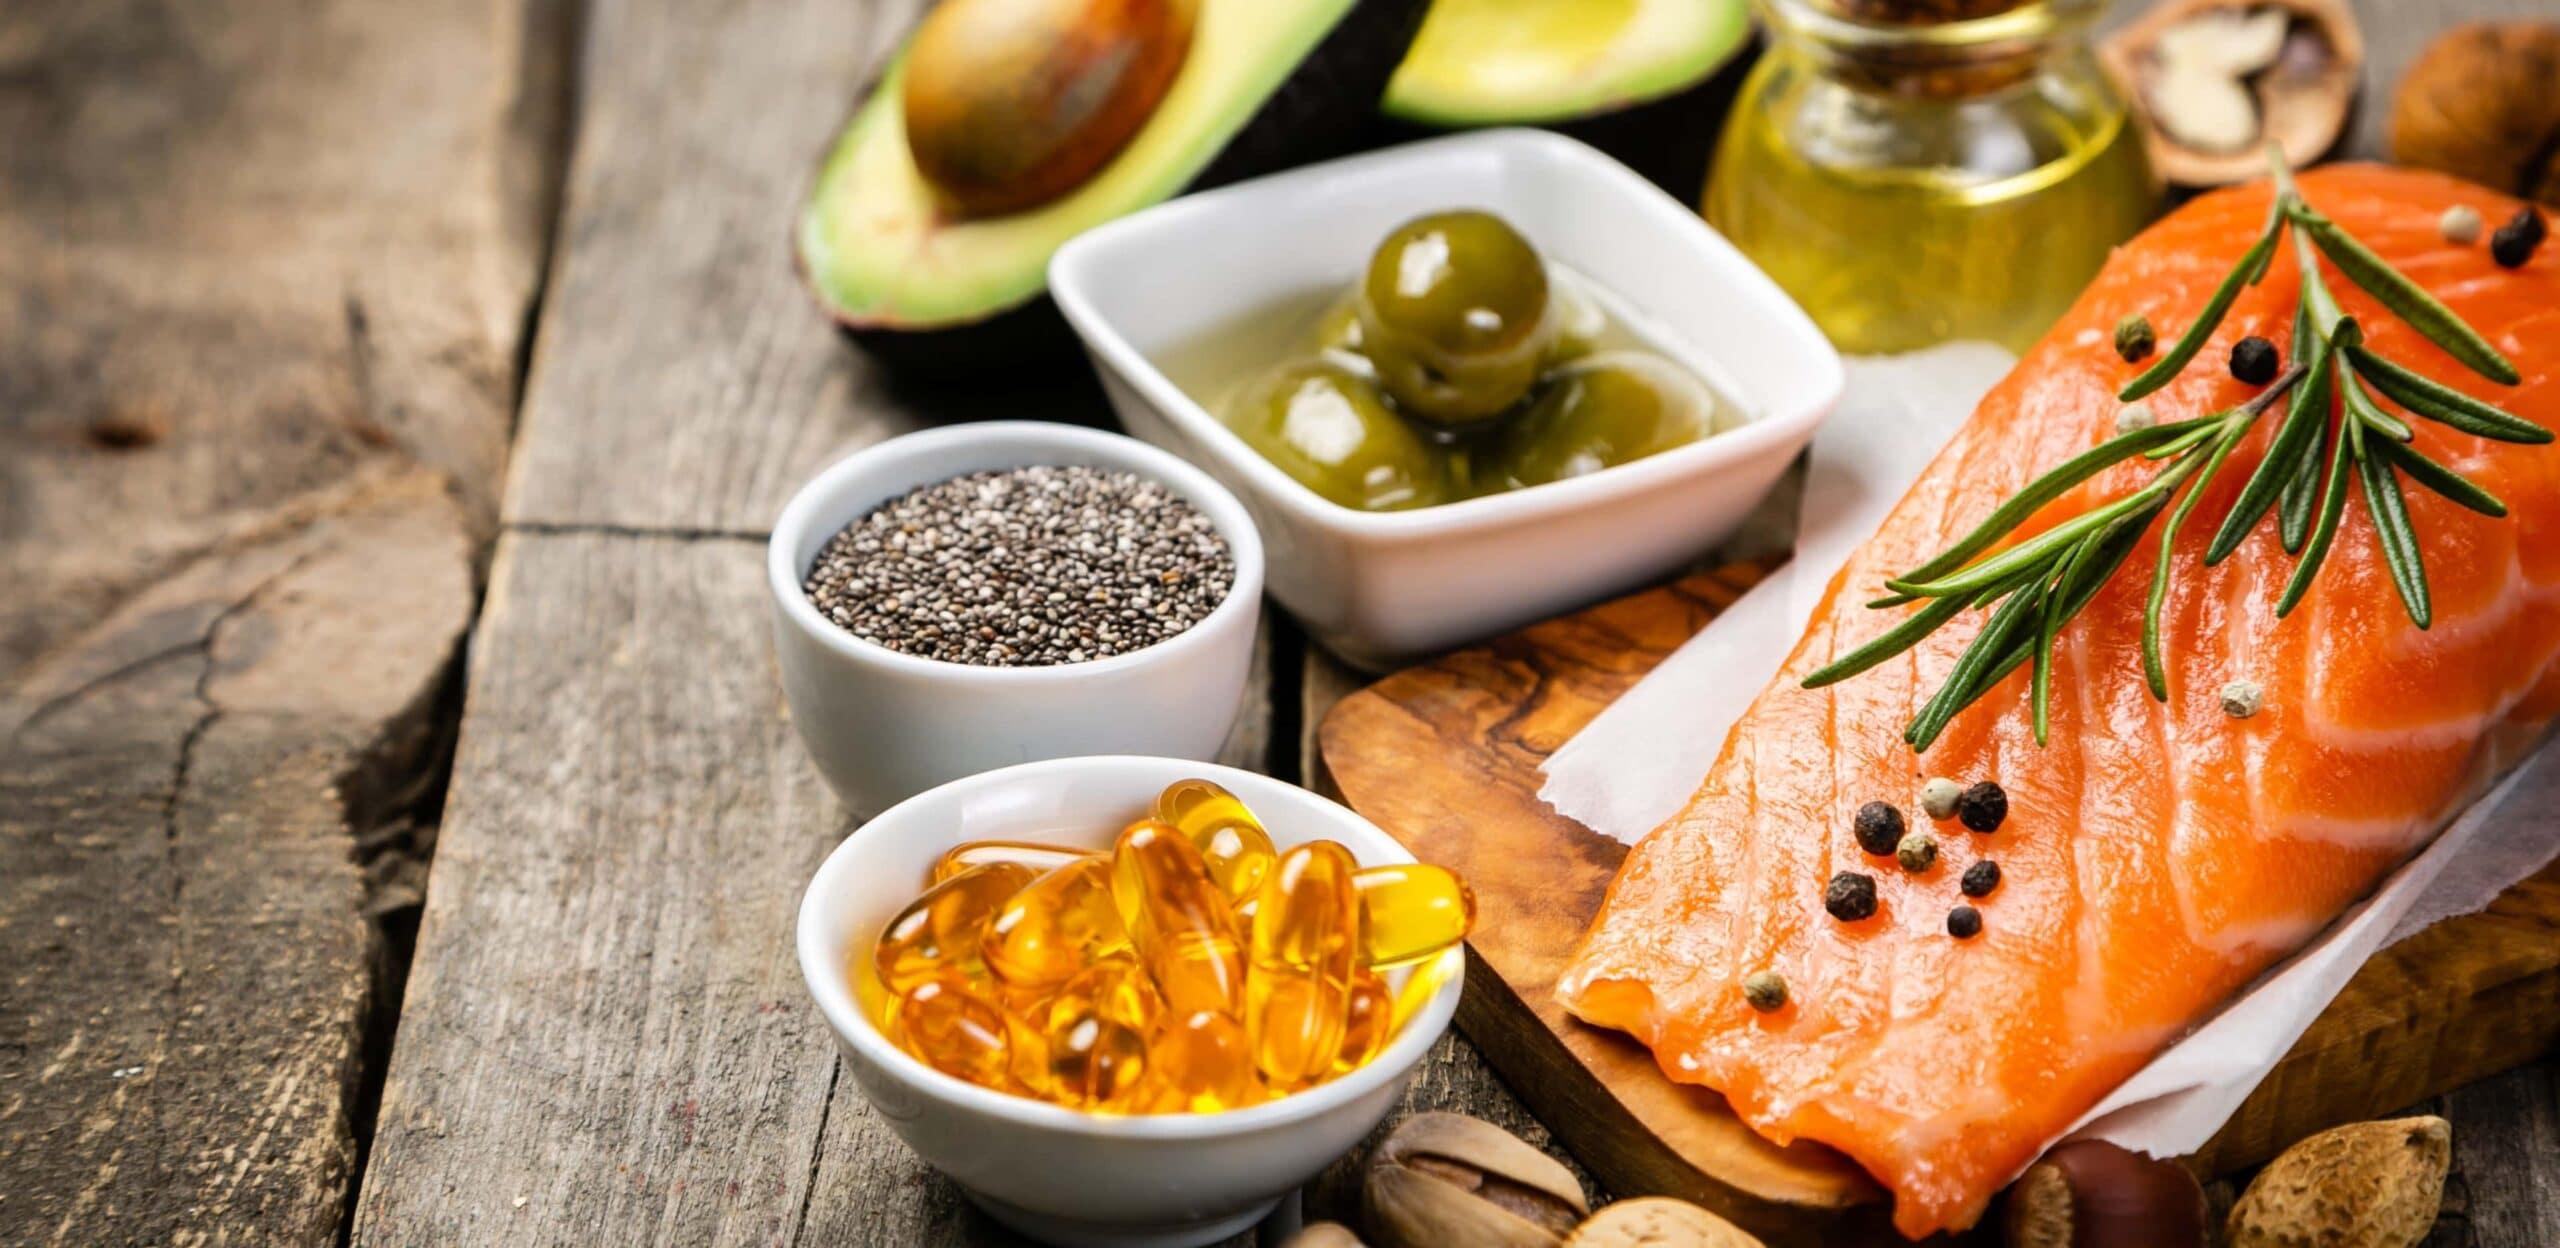 fonti alimentari di grassi nella dieta